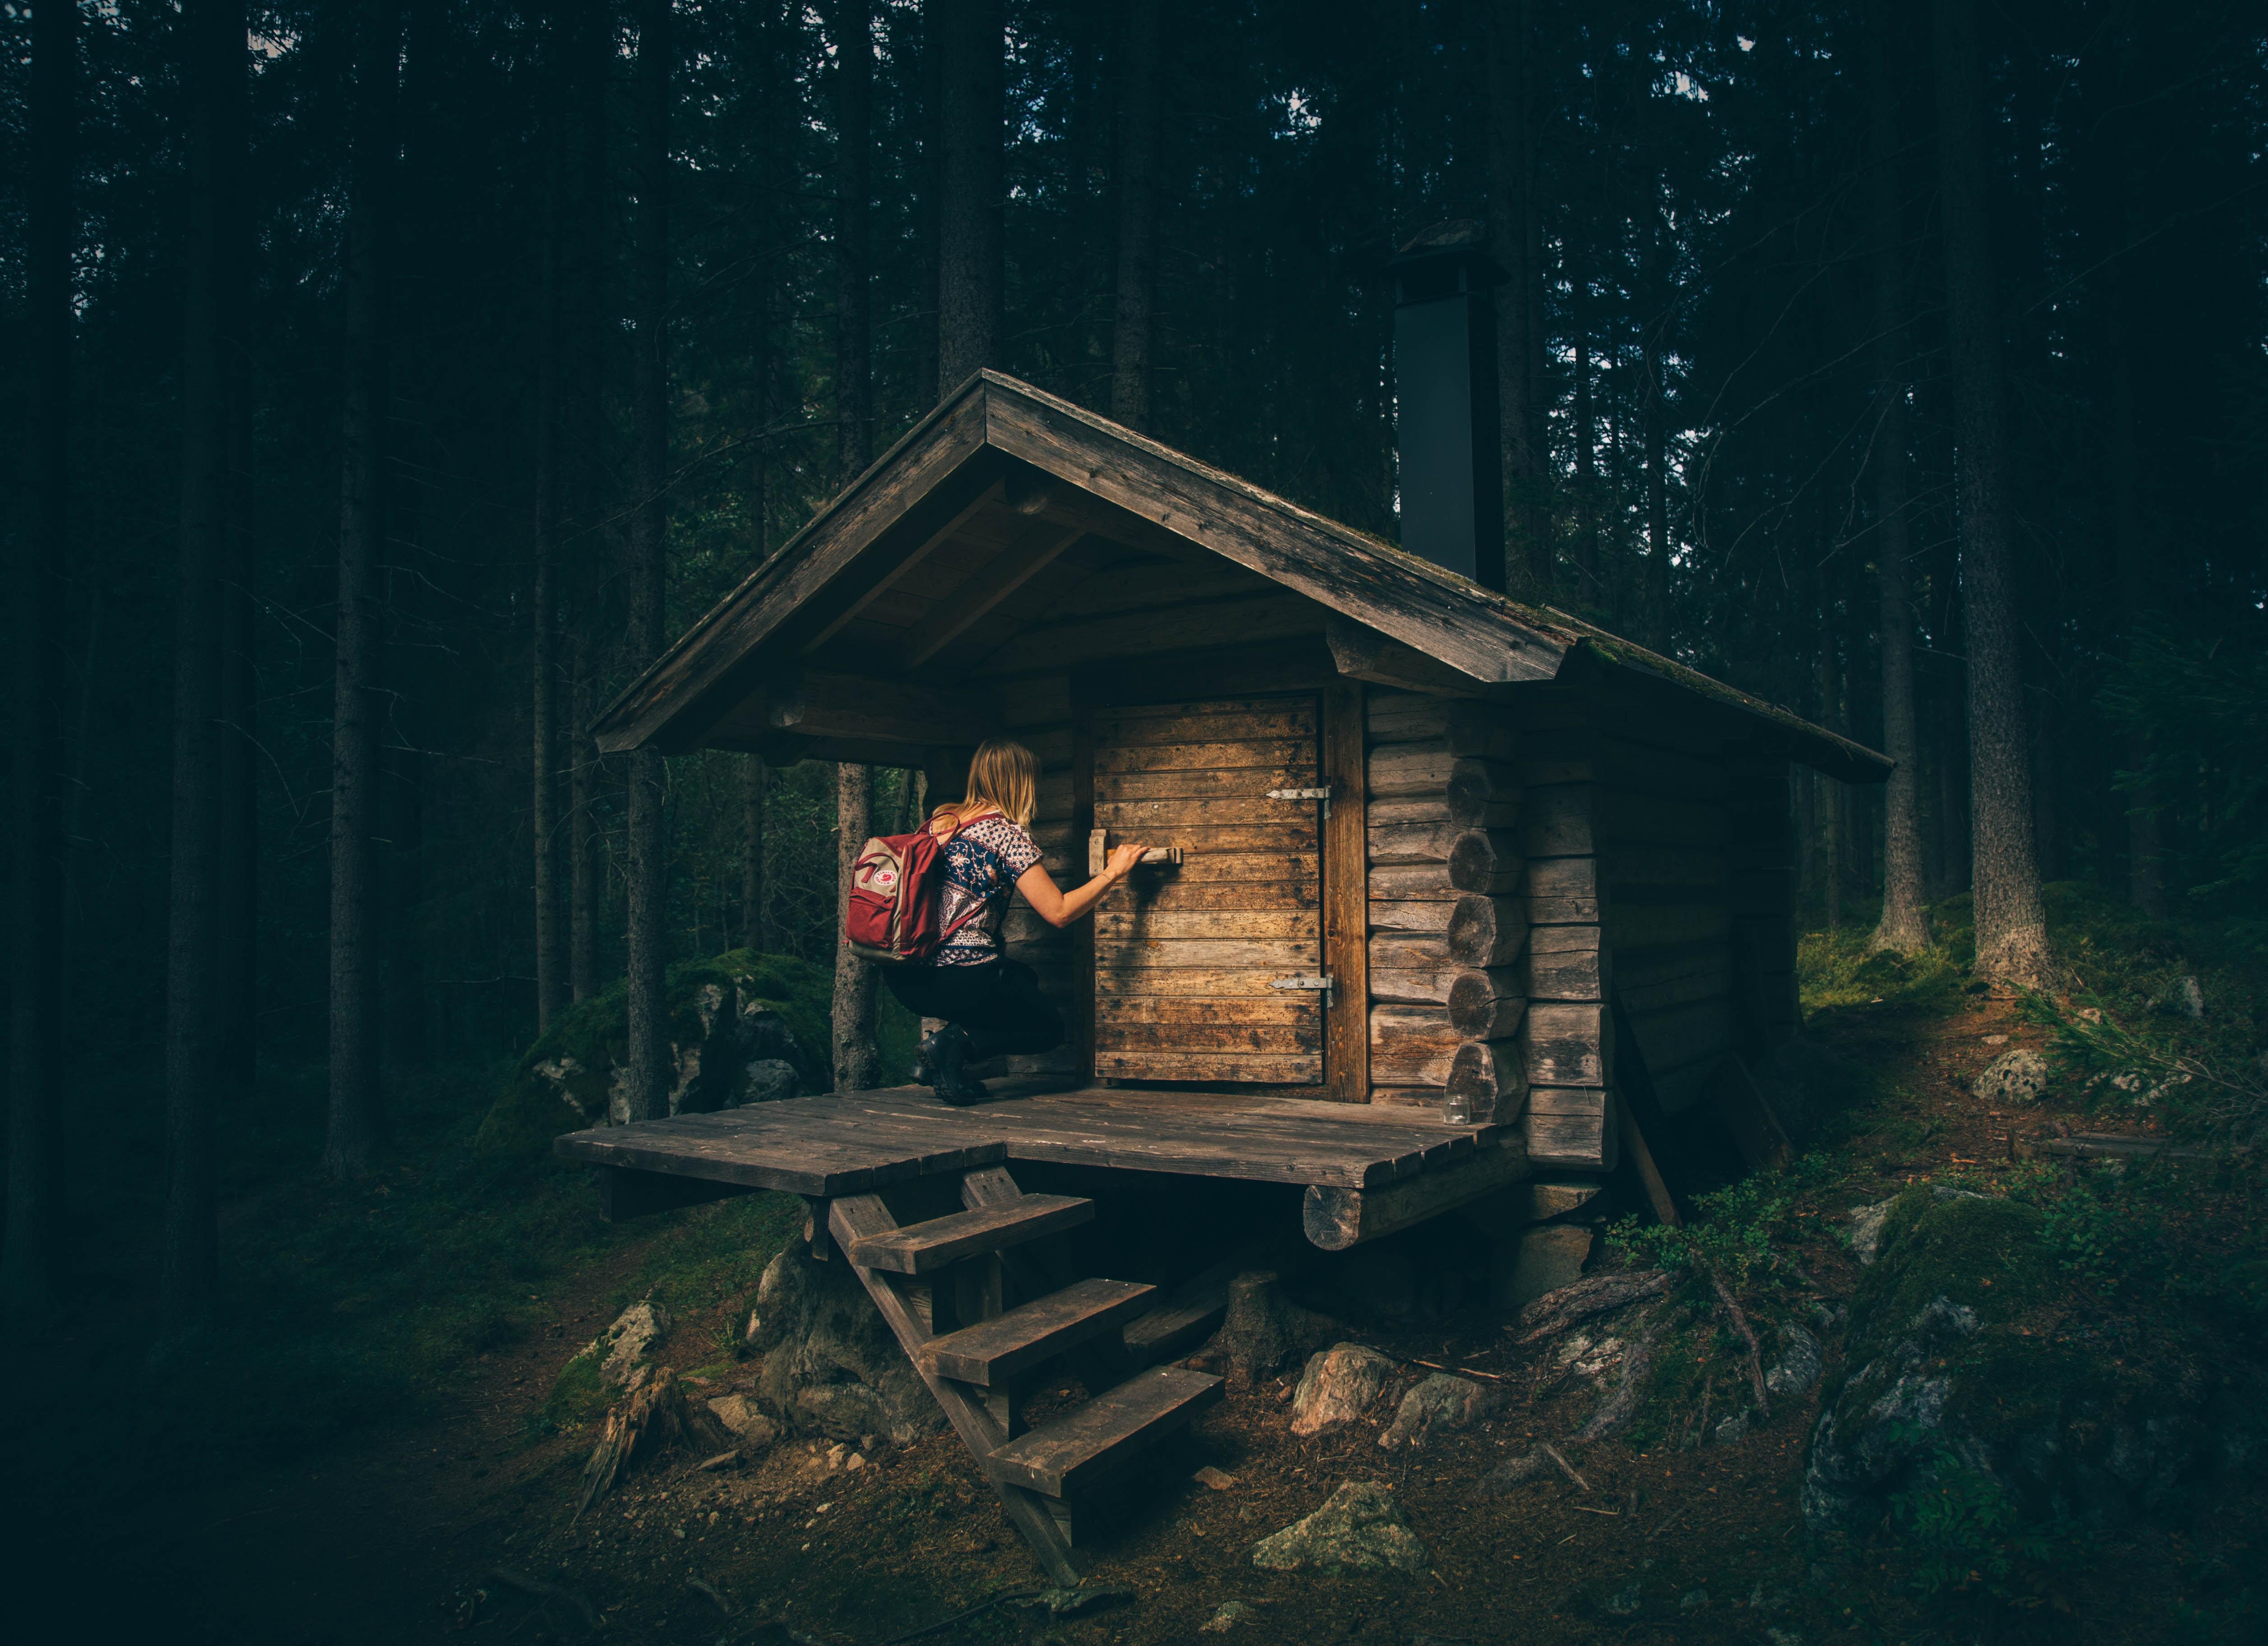 cabane forêt rendez-vous blogueurs campagne ville banlieue